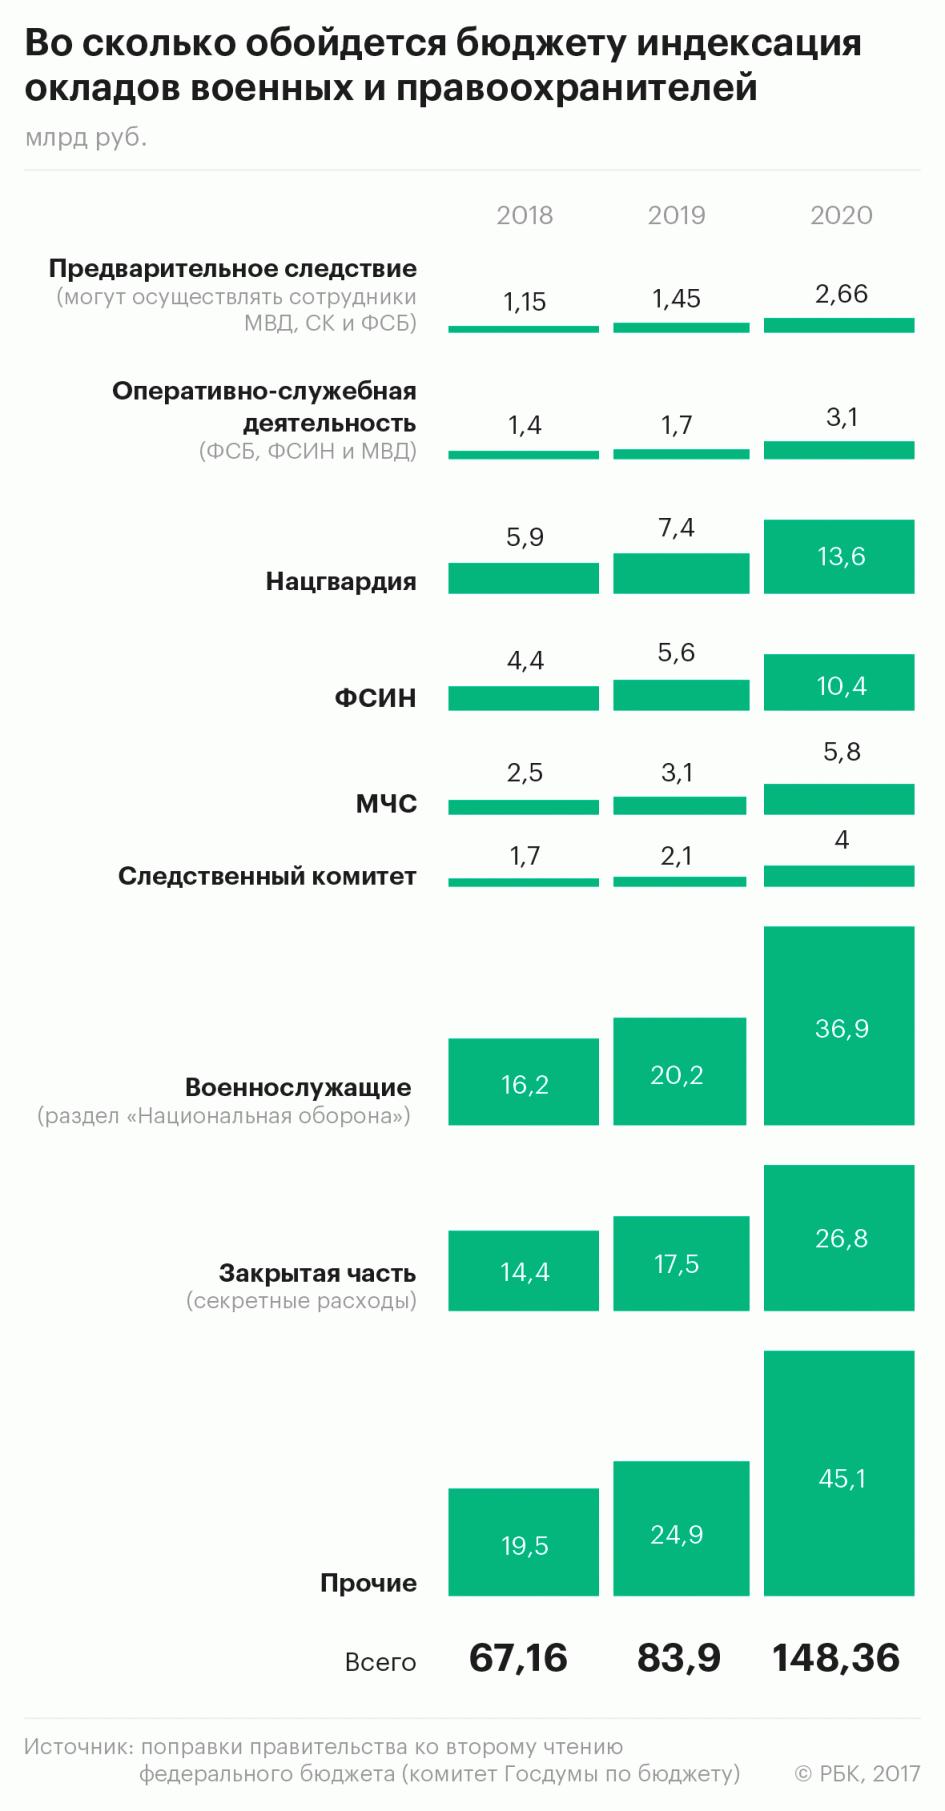 численность мвд россии